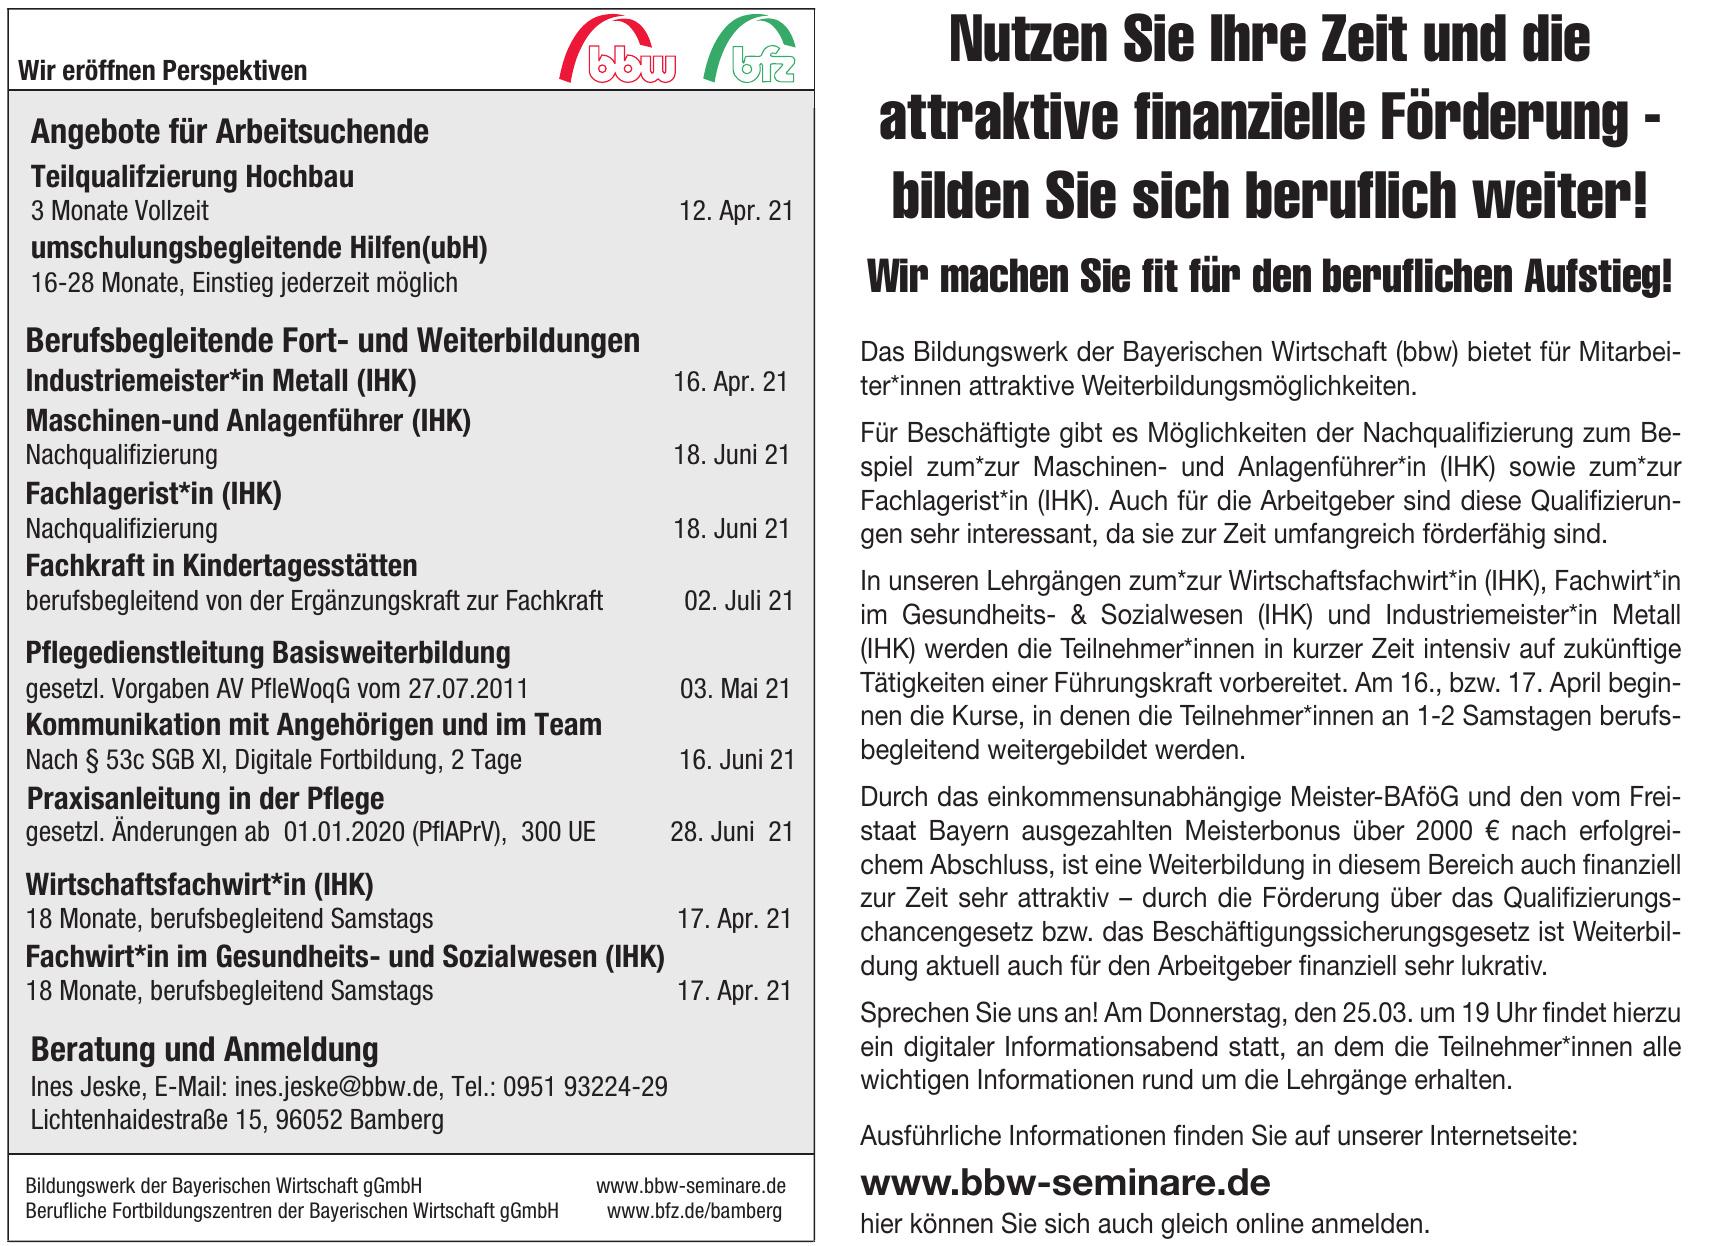 bbw Bildungswerk der Bayerischen Wirtschaft gGmbH